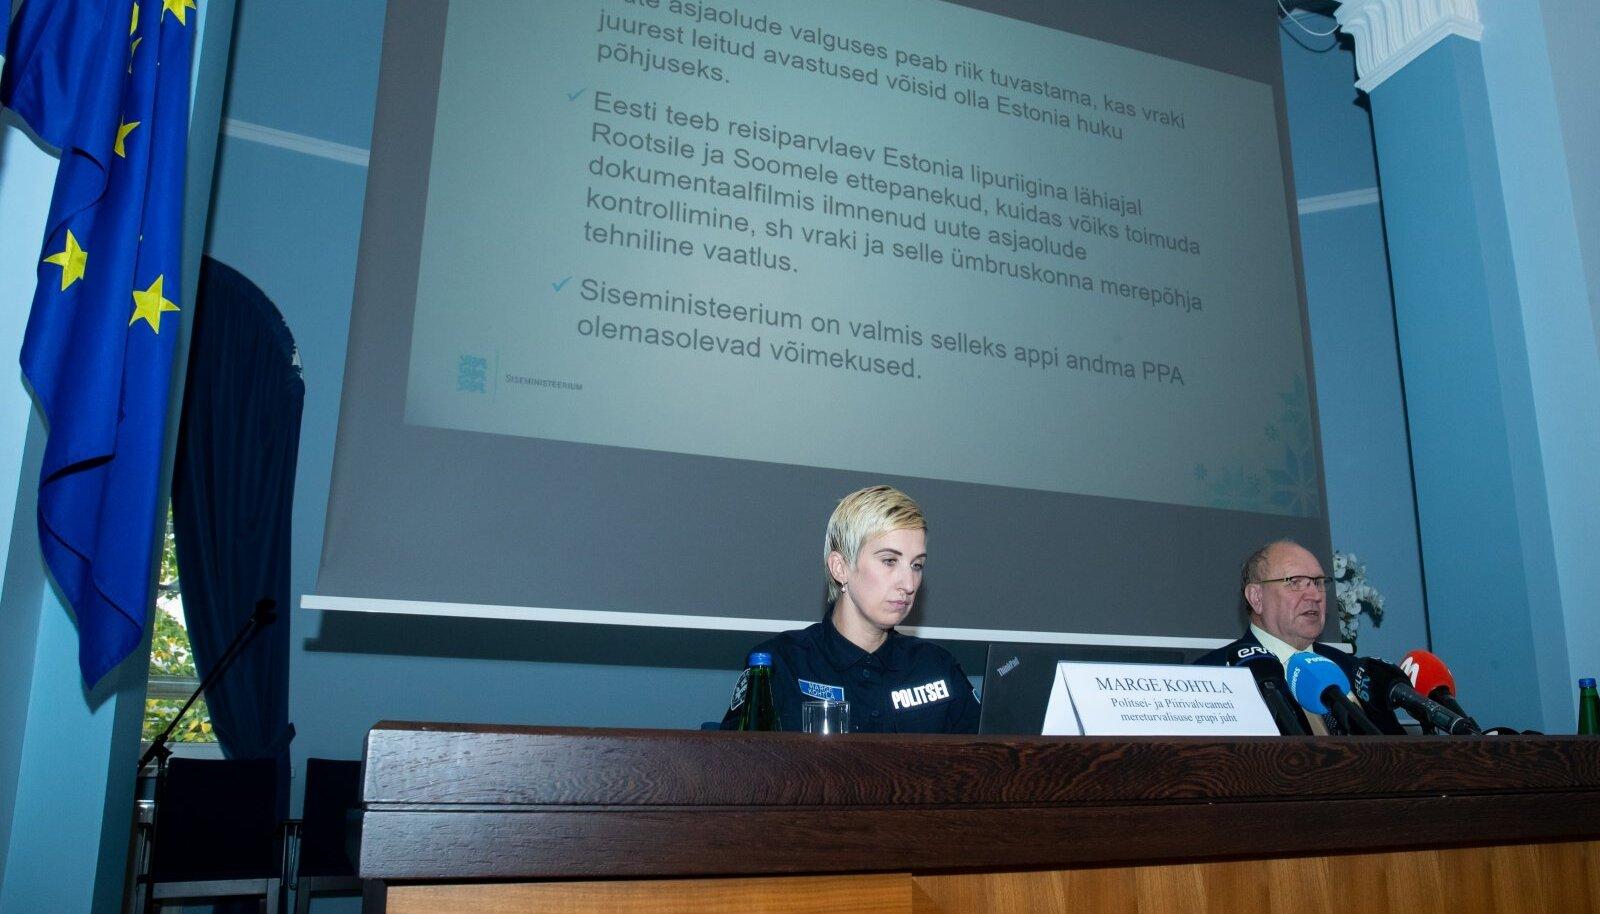 Tallinn, 01.10.2020. Siseminister Mart Helme selgitas koos PPA mereturvalisuse grupi juhi Marge Kohtlaga PPA tehnilist võimekust Estonia vraki ja selle ümbruskonna merepõhja vaatluseks.